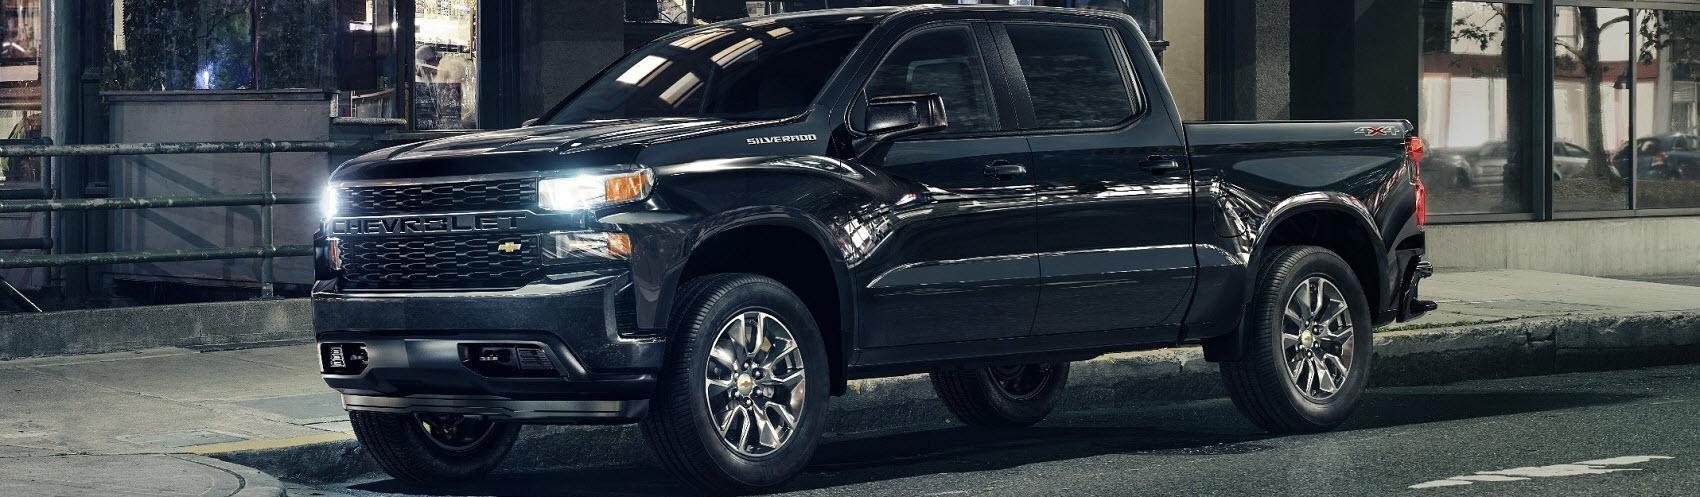 Chevy Dealers In Mi >> Chevy Dealer Southfield Mi Feldman Chevrolet